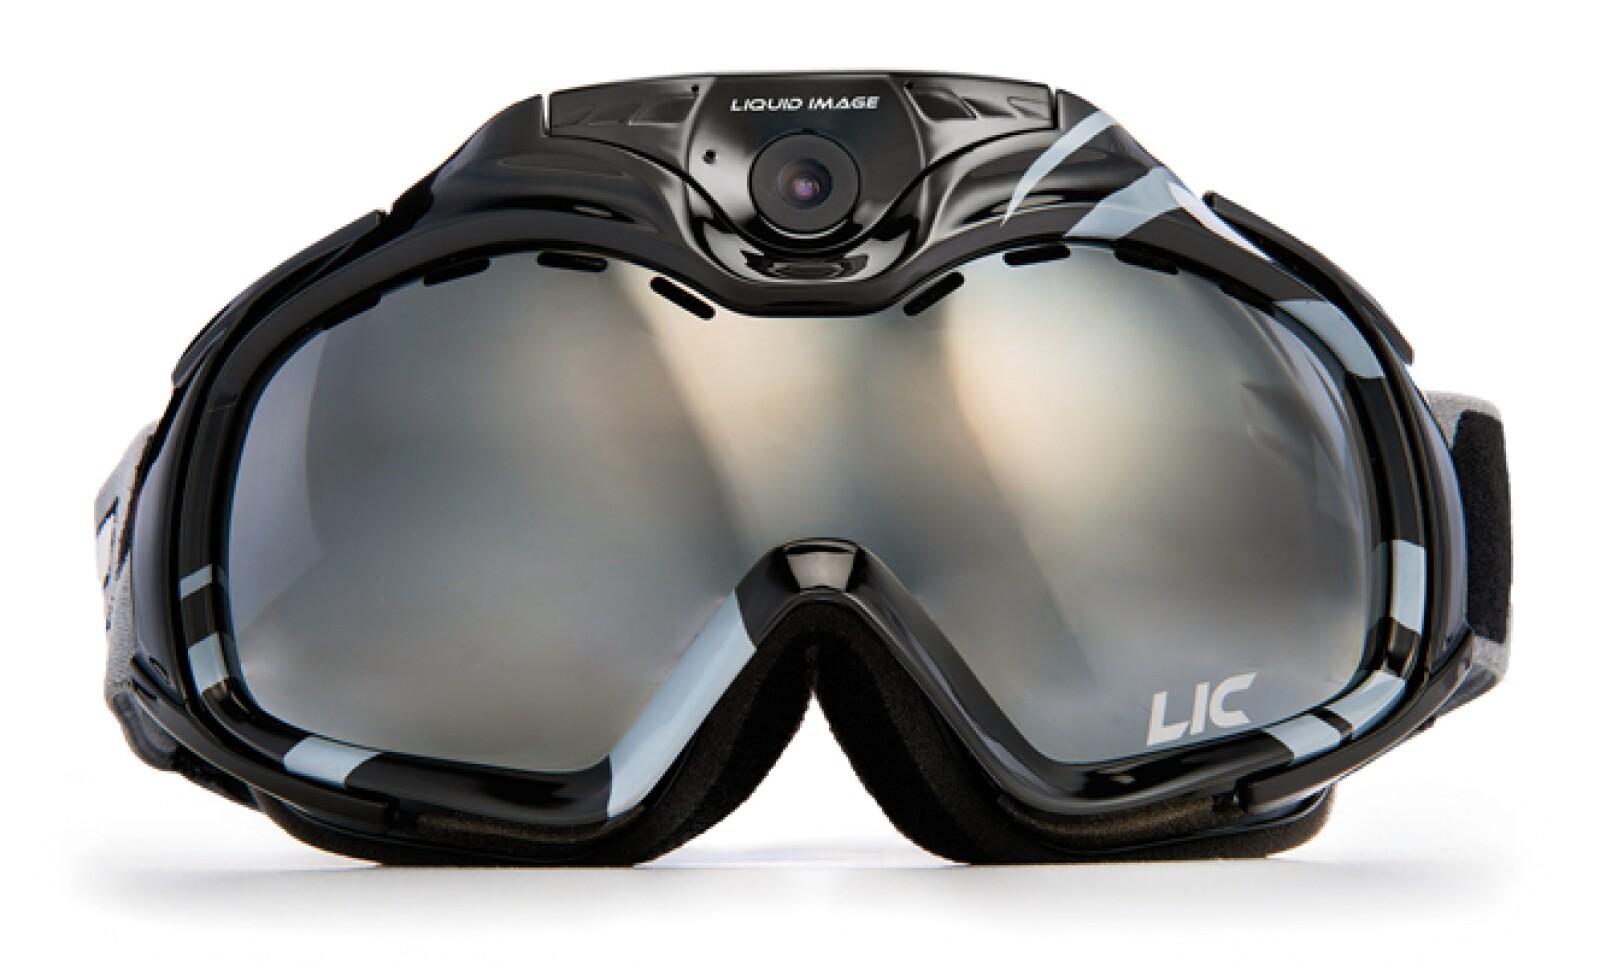 Conserva en video tus aventuras al esquiar con este visor-cámara Liquid Image de 12 MP que graba en Full HD (1080p) y transmite en vivo vía Wi-Fi (399 Apex HD + Wi-Fi). Precio 400 dólares.